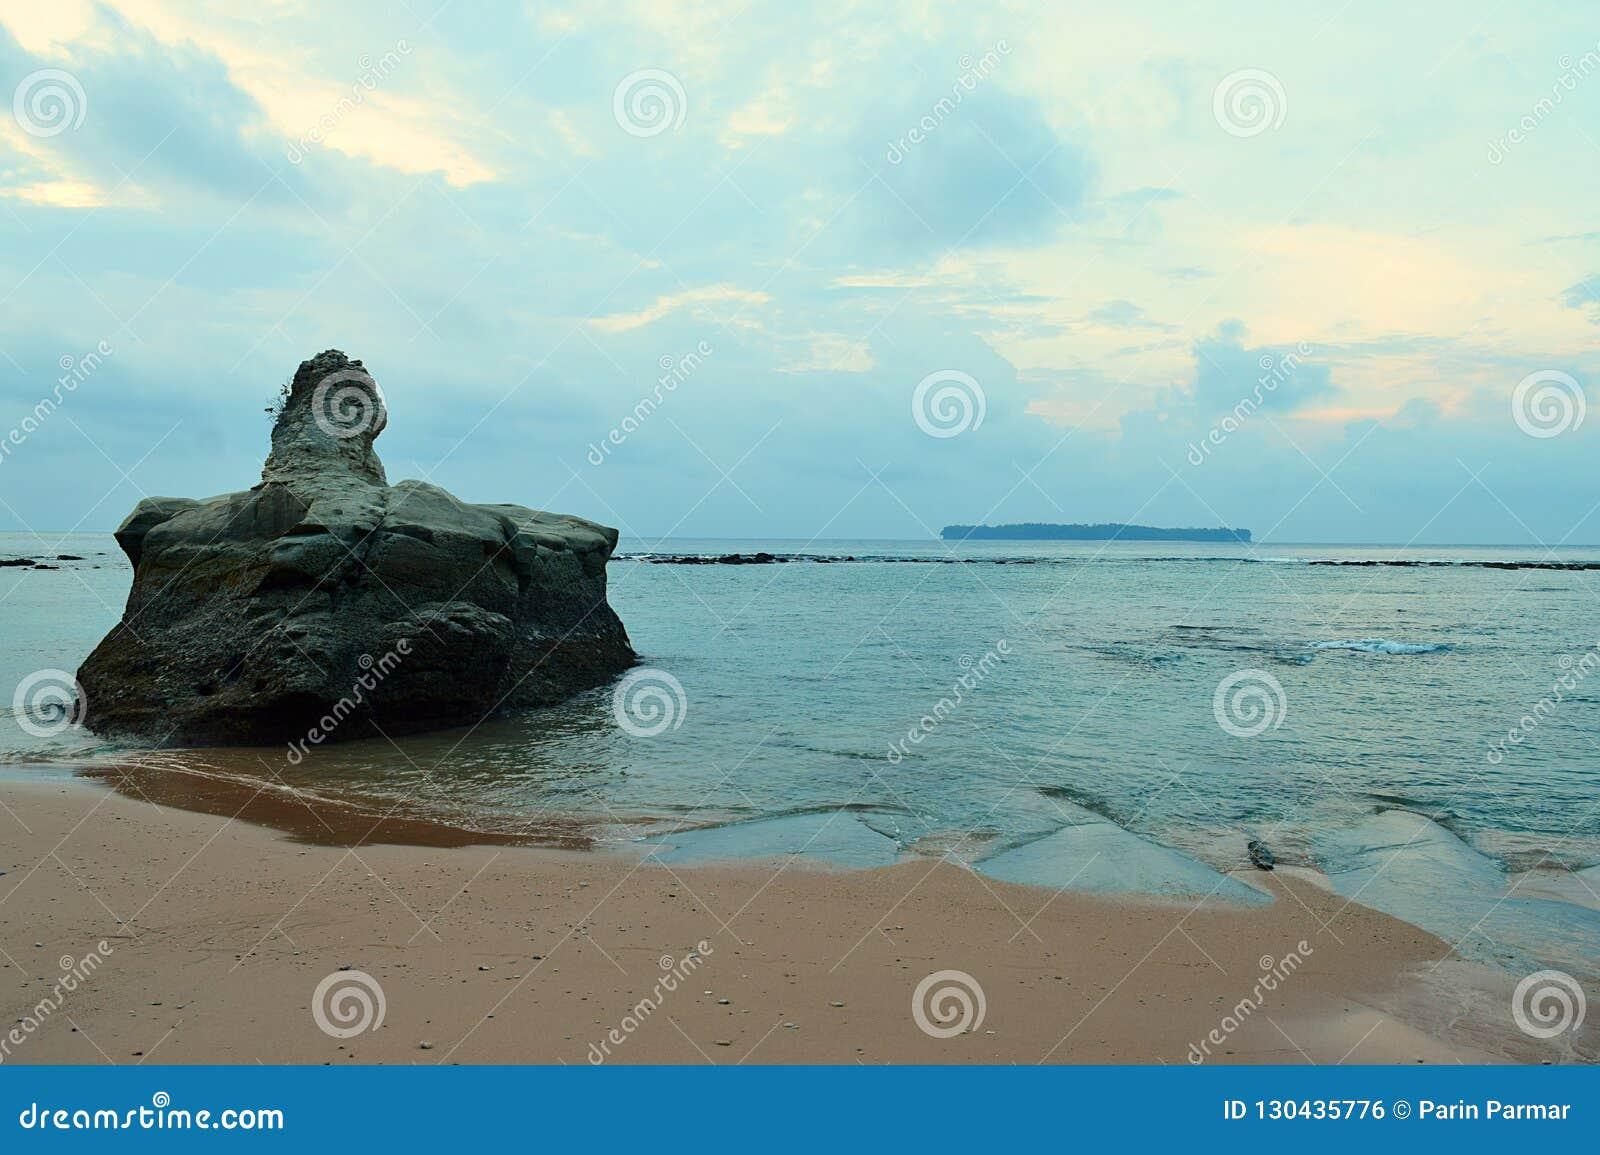 Een Grote Steen in Kalme Zeewaters in Oorspronkelijk Sandy Beach met Kleuren in Ochtend Bewolkte Hemel - Sitapur, Neil Island, An